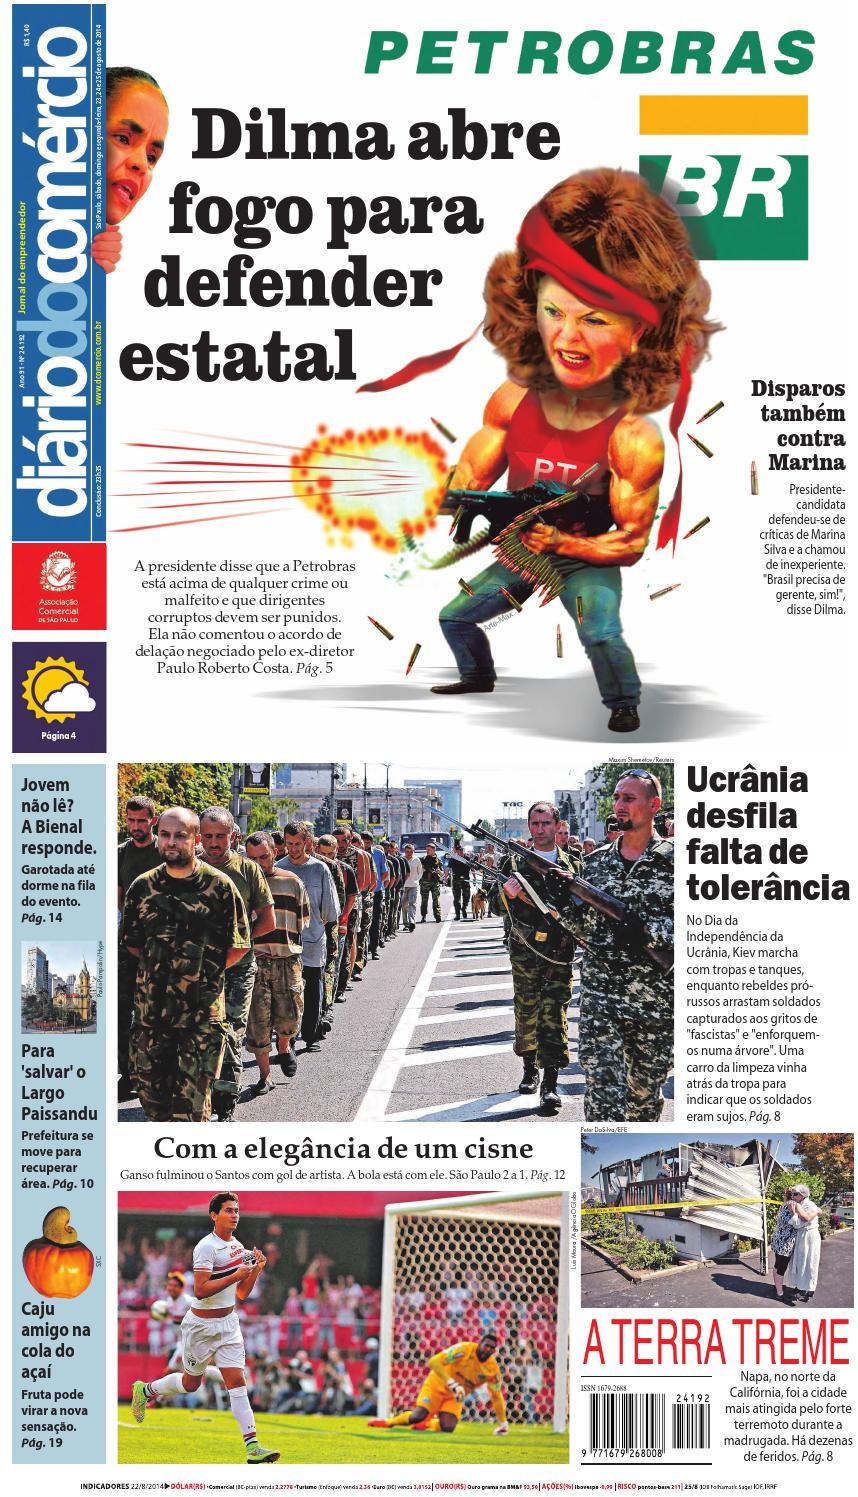 605626dcfb Diário do Comércio - 25 08 2014 by Diário do Comércio - issuu